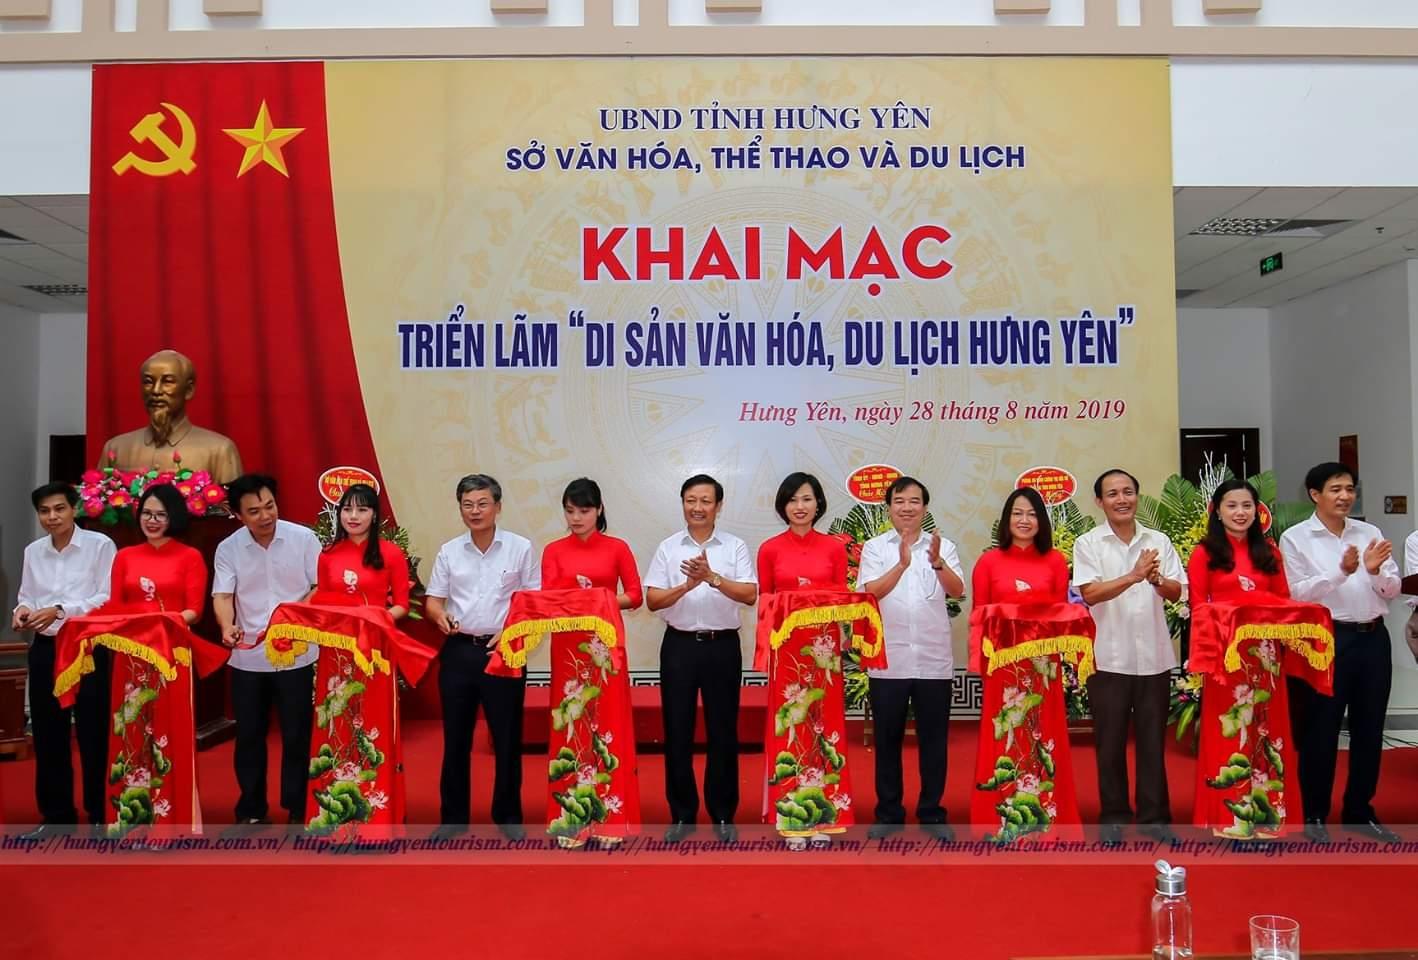 """Triển lãm """" Di sản văn hóa, du lịch Hưng Yên"""" năm 2019"""